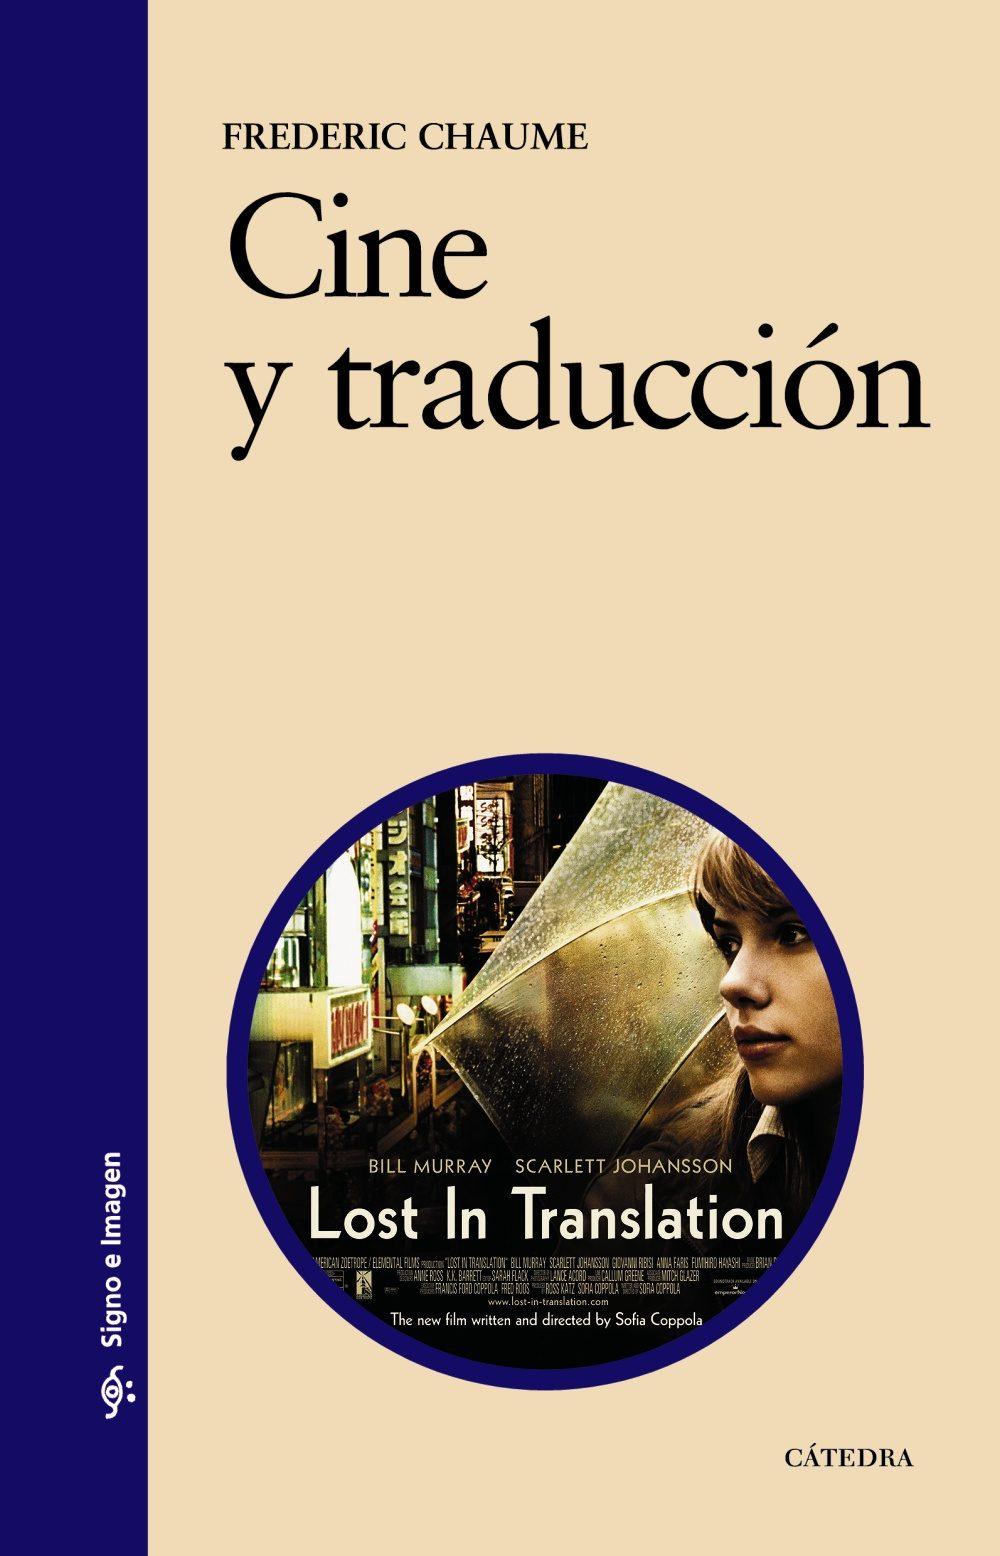 Cine Y Traduccion por Frederic Chaume